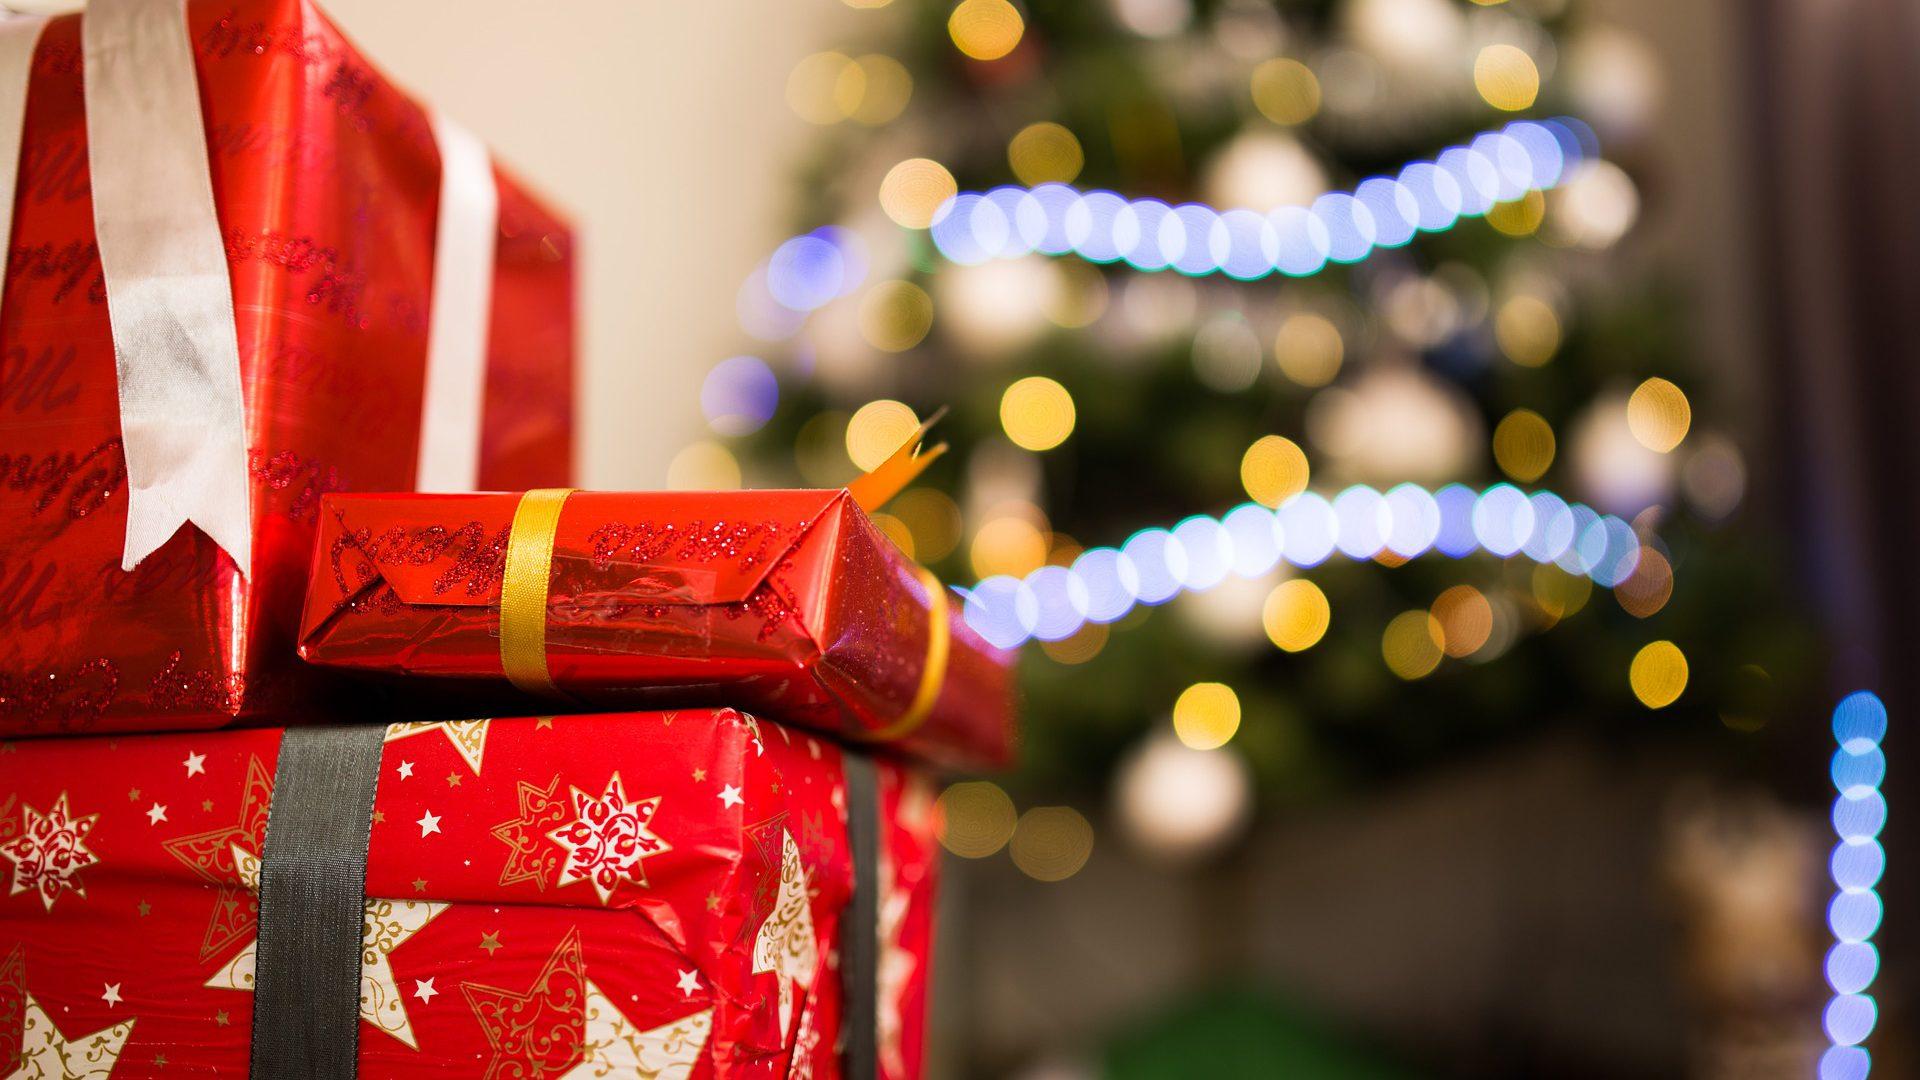 Zostań świętym Mikołajem. Pomóż w świątecznej akcji MOPR!